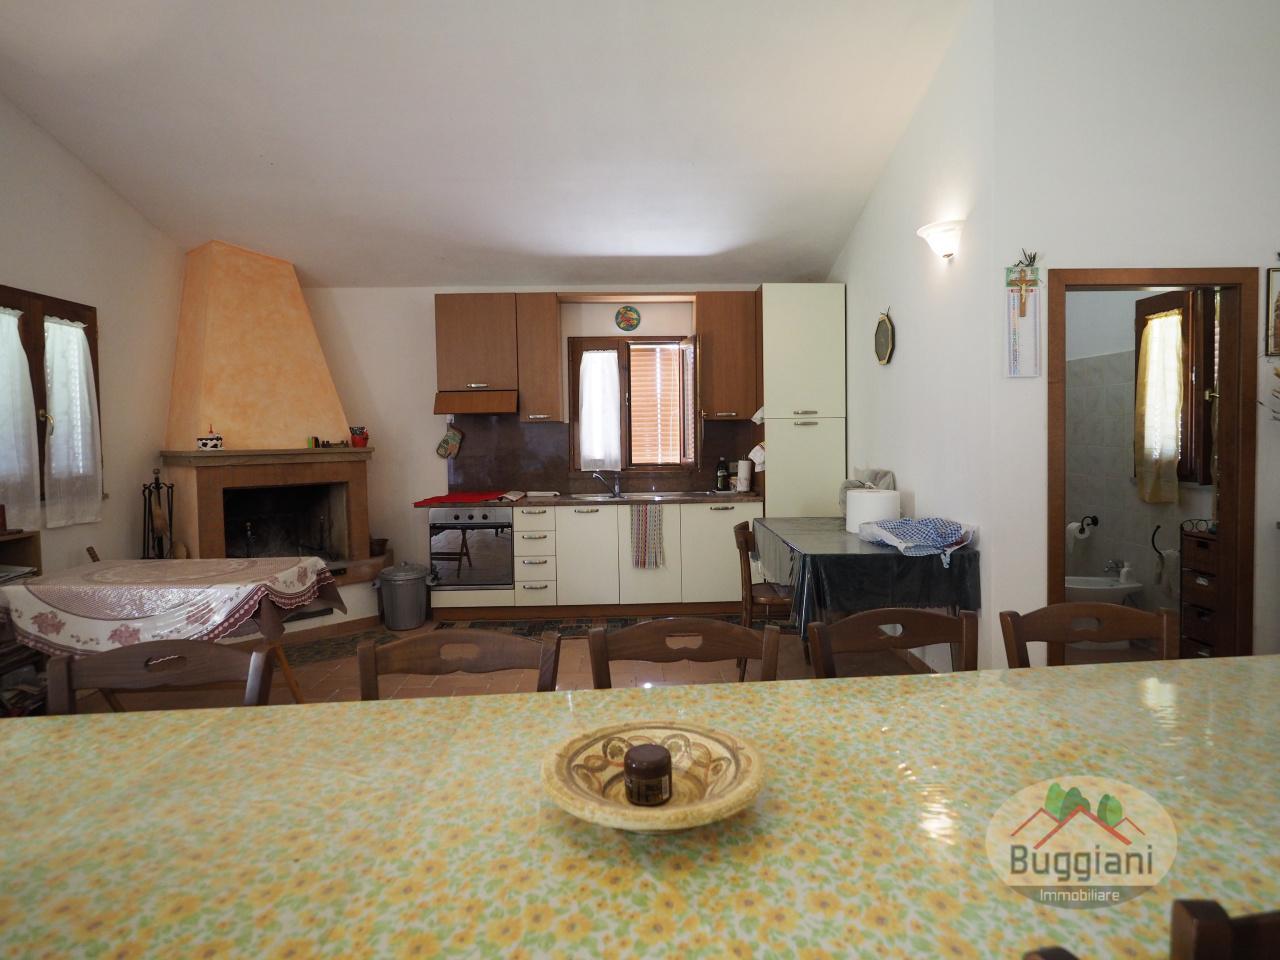 Appartamento in vendita RIF. 1736, San Miniato (PI)